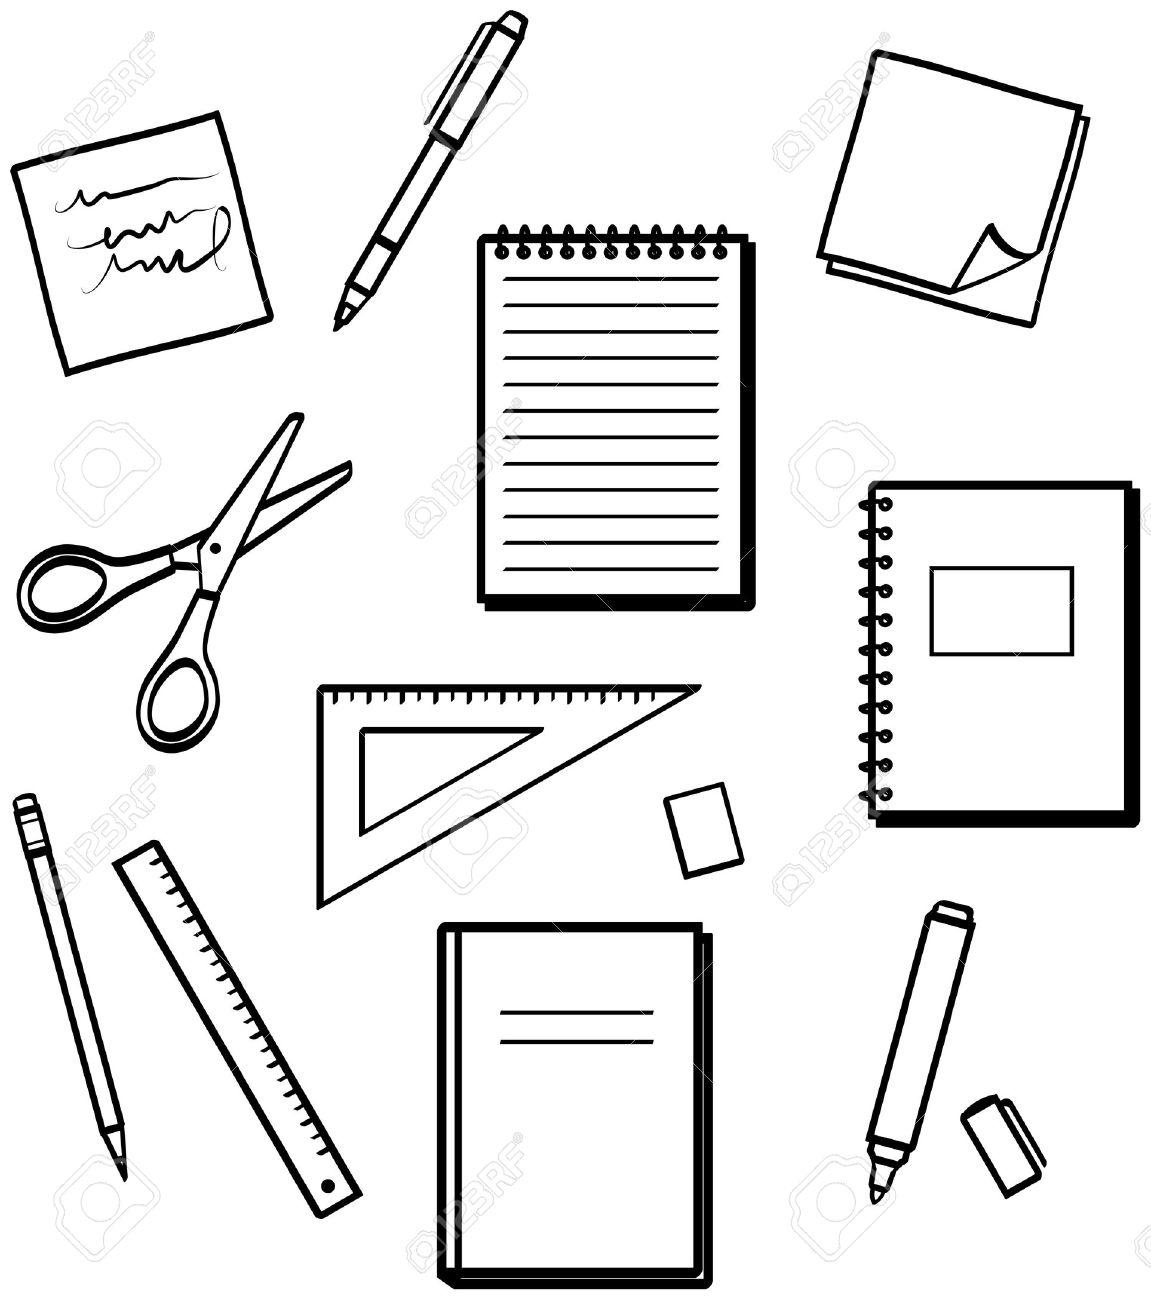 Office school supplies clipart 5